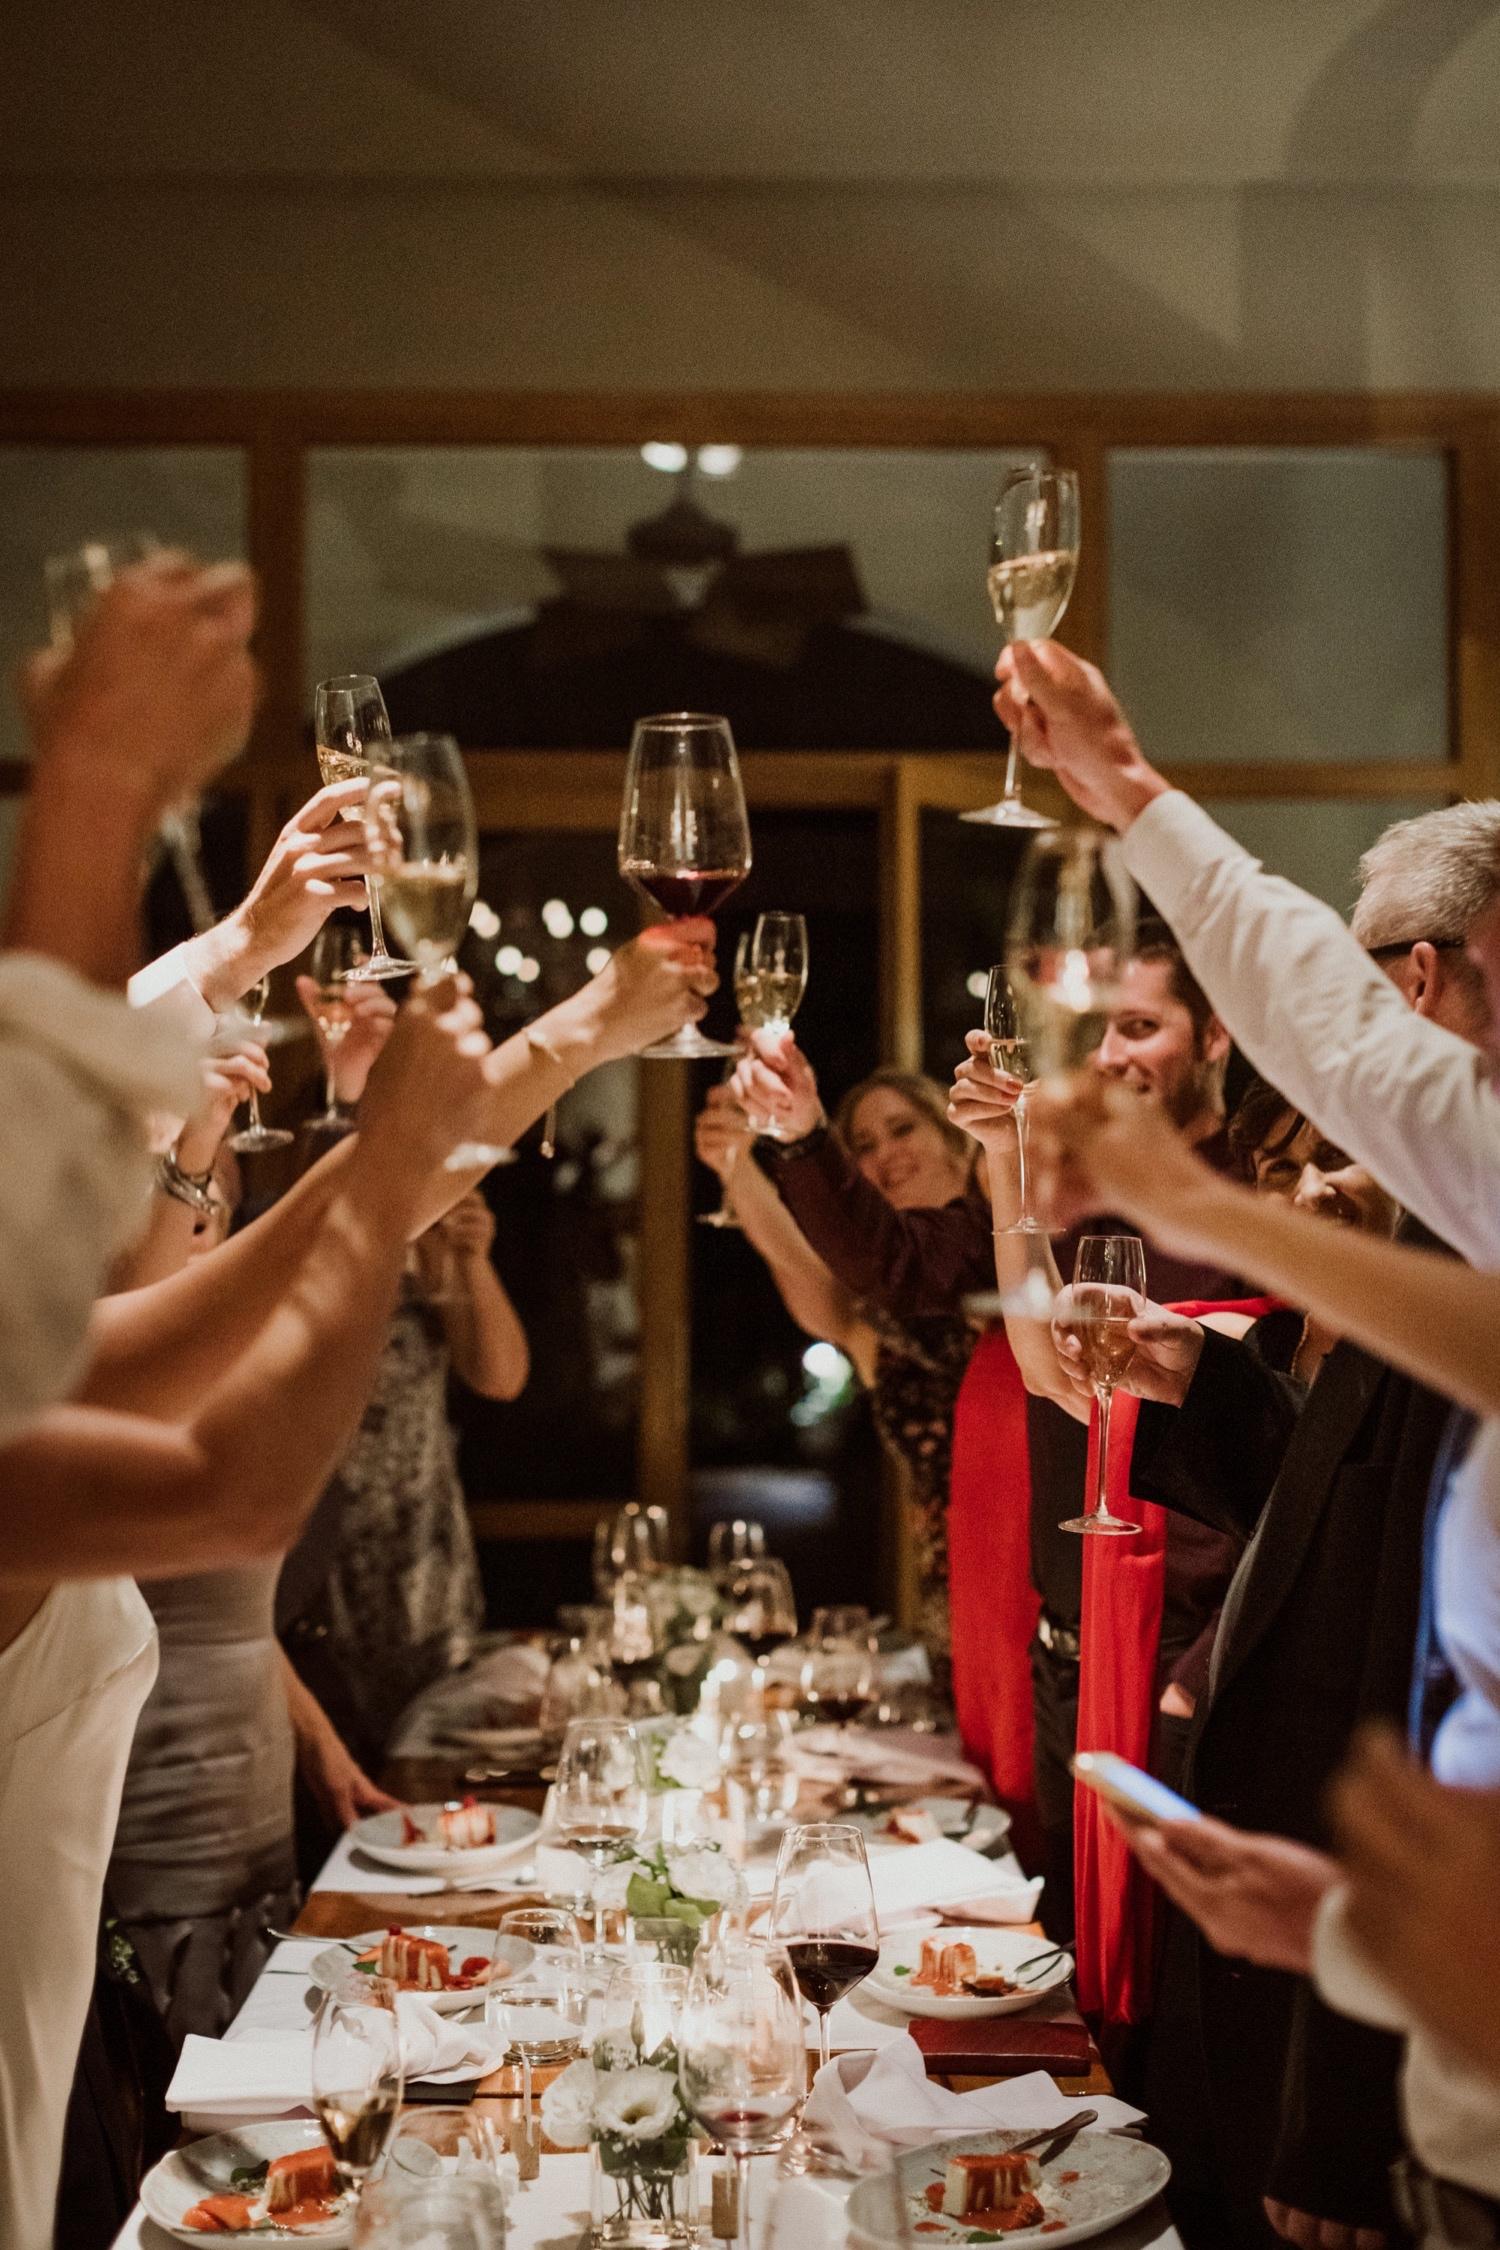 096_toasts_at_wedding.jpg